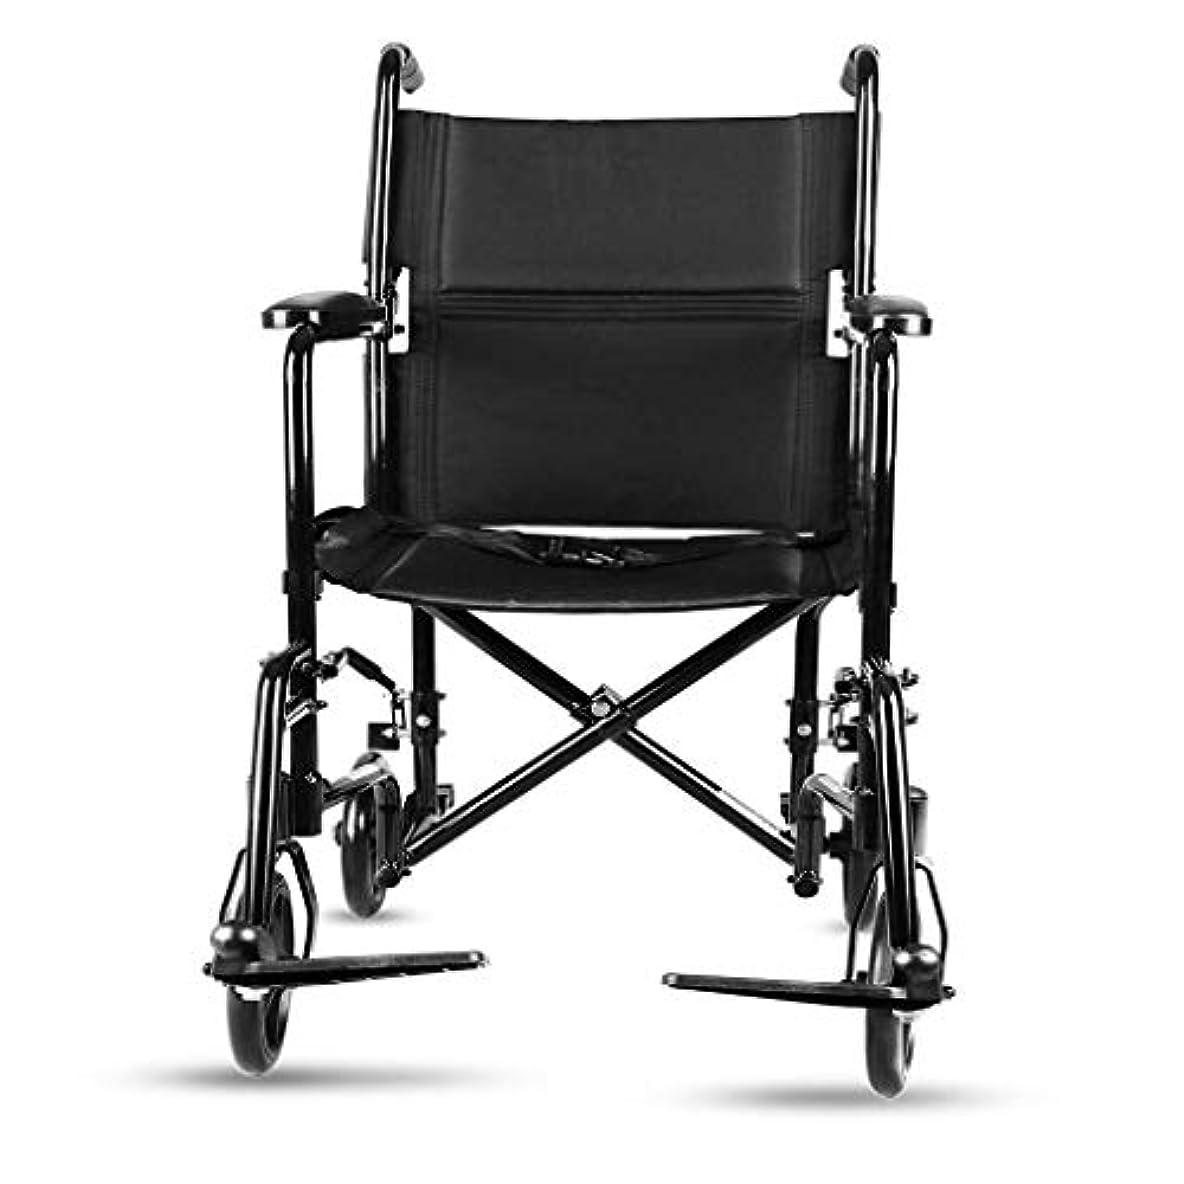 背の高い排他的邪魔するアルミ合金の車椅子、折る携帯用歩行器の補助歩行者の4つの車輪のショッピングカートのハンドブレーキが付いている頑丈な歩行者